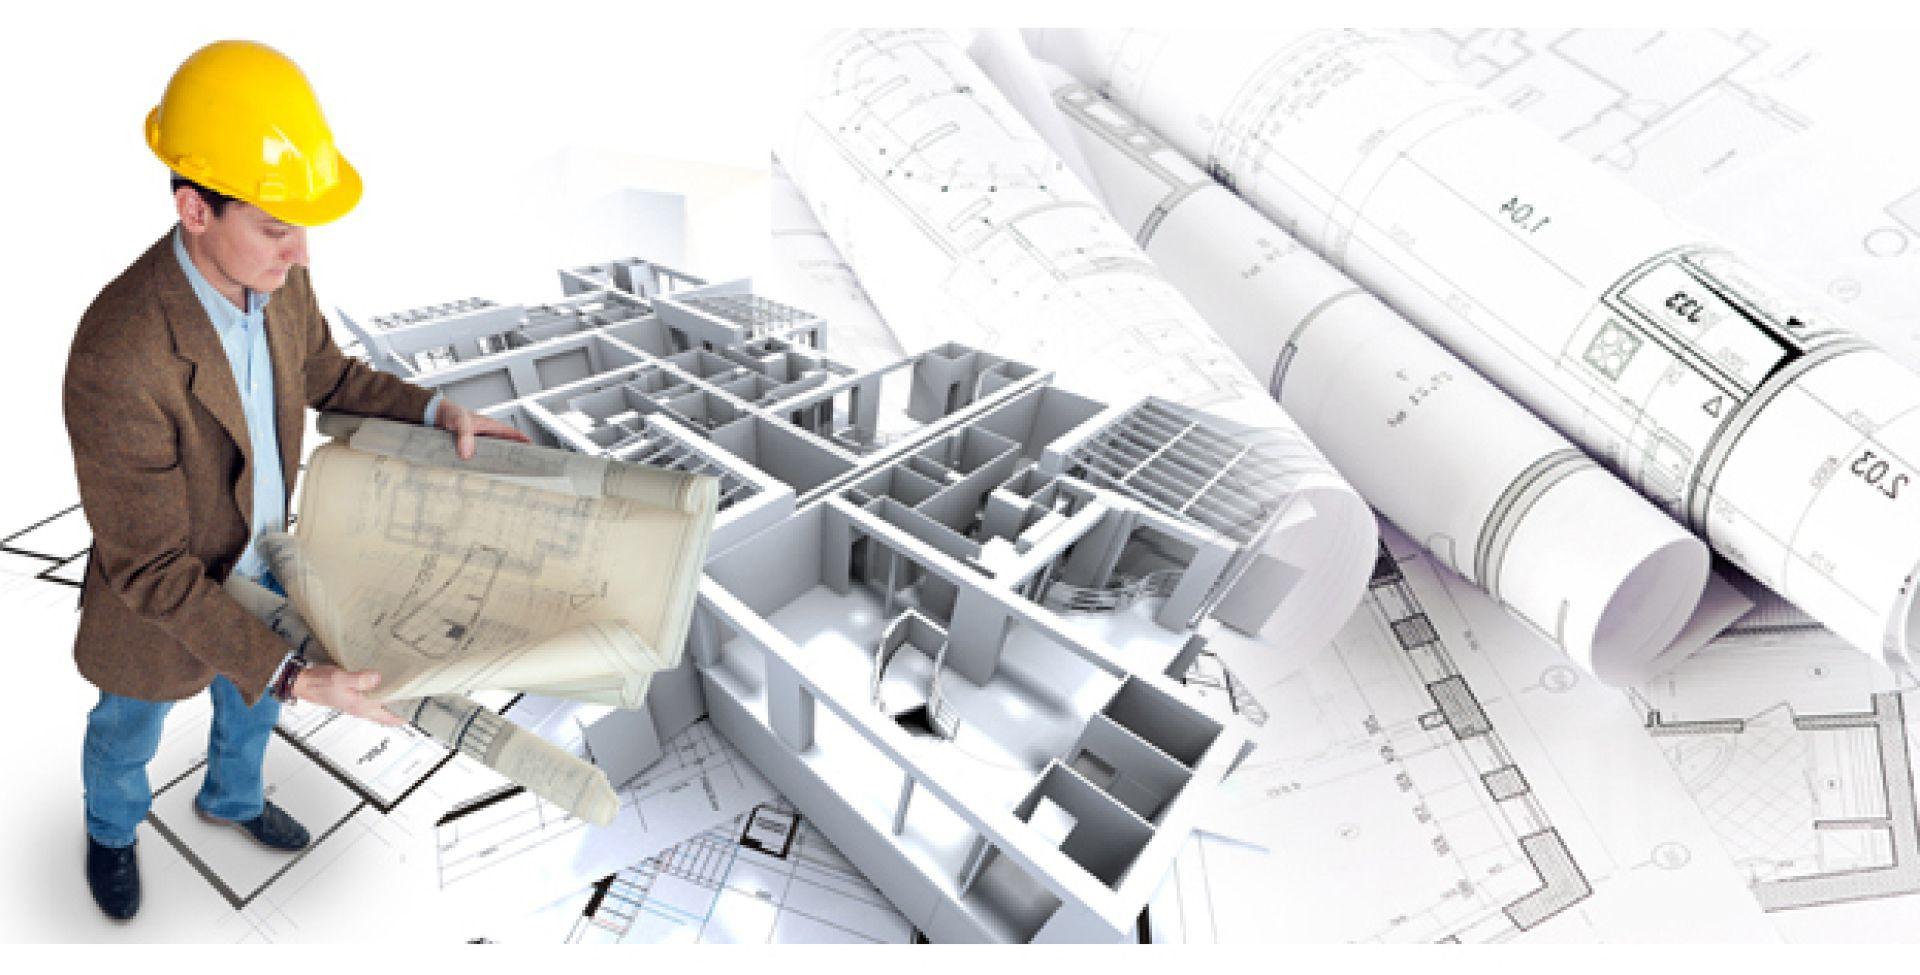 a 2 - Hal yang Patut Kita Ketahui tentang Cara Kerja Arsitek